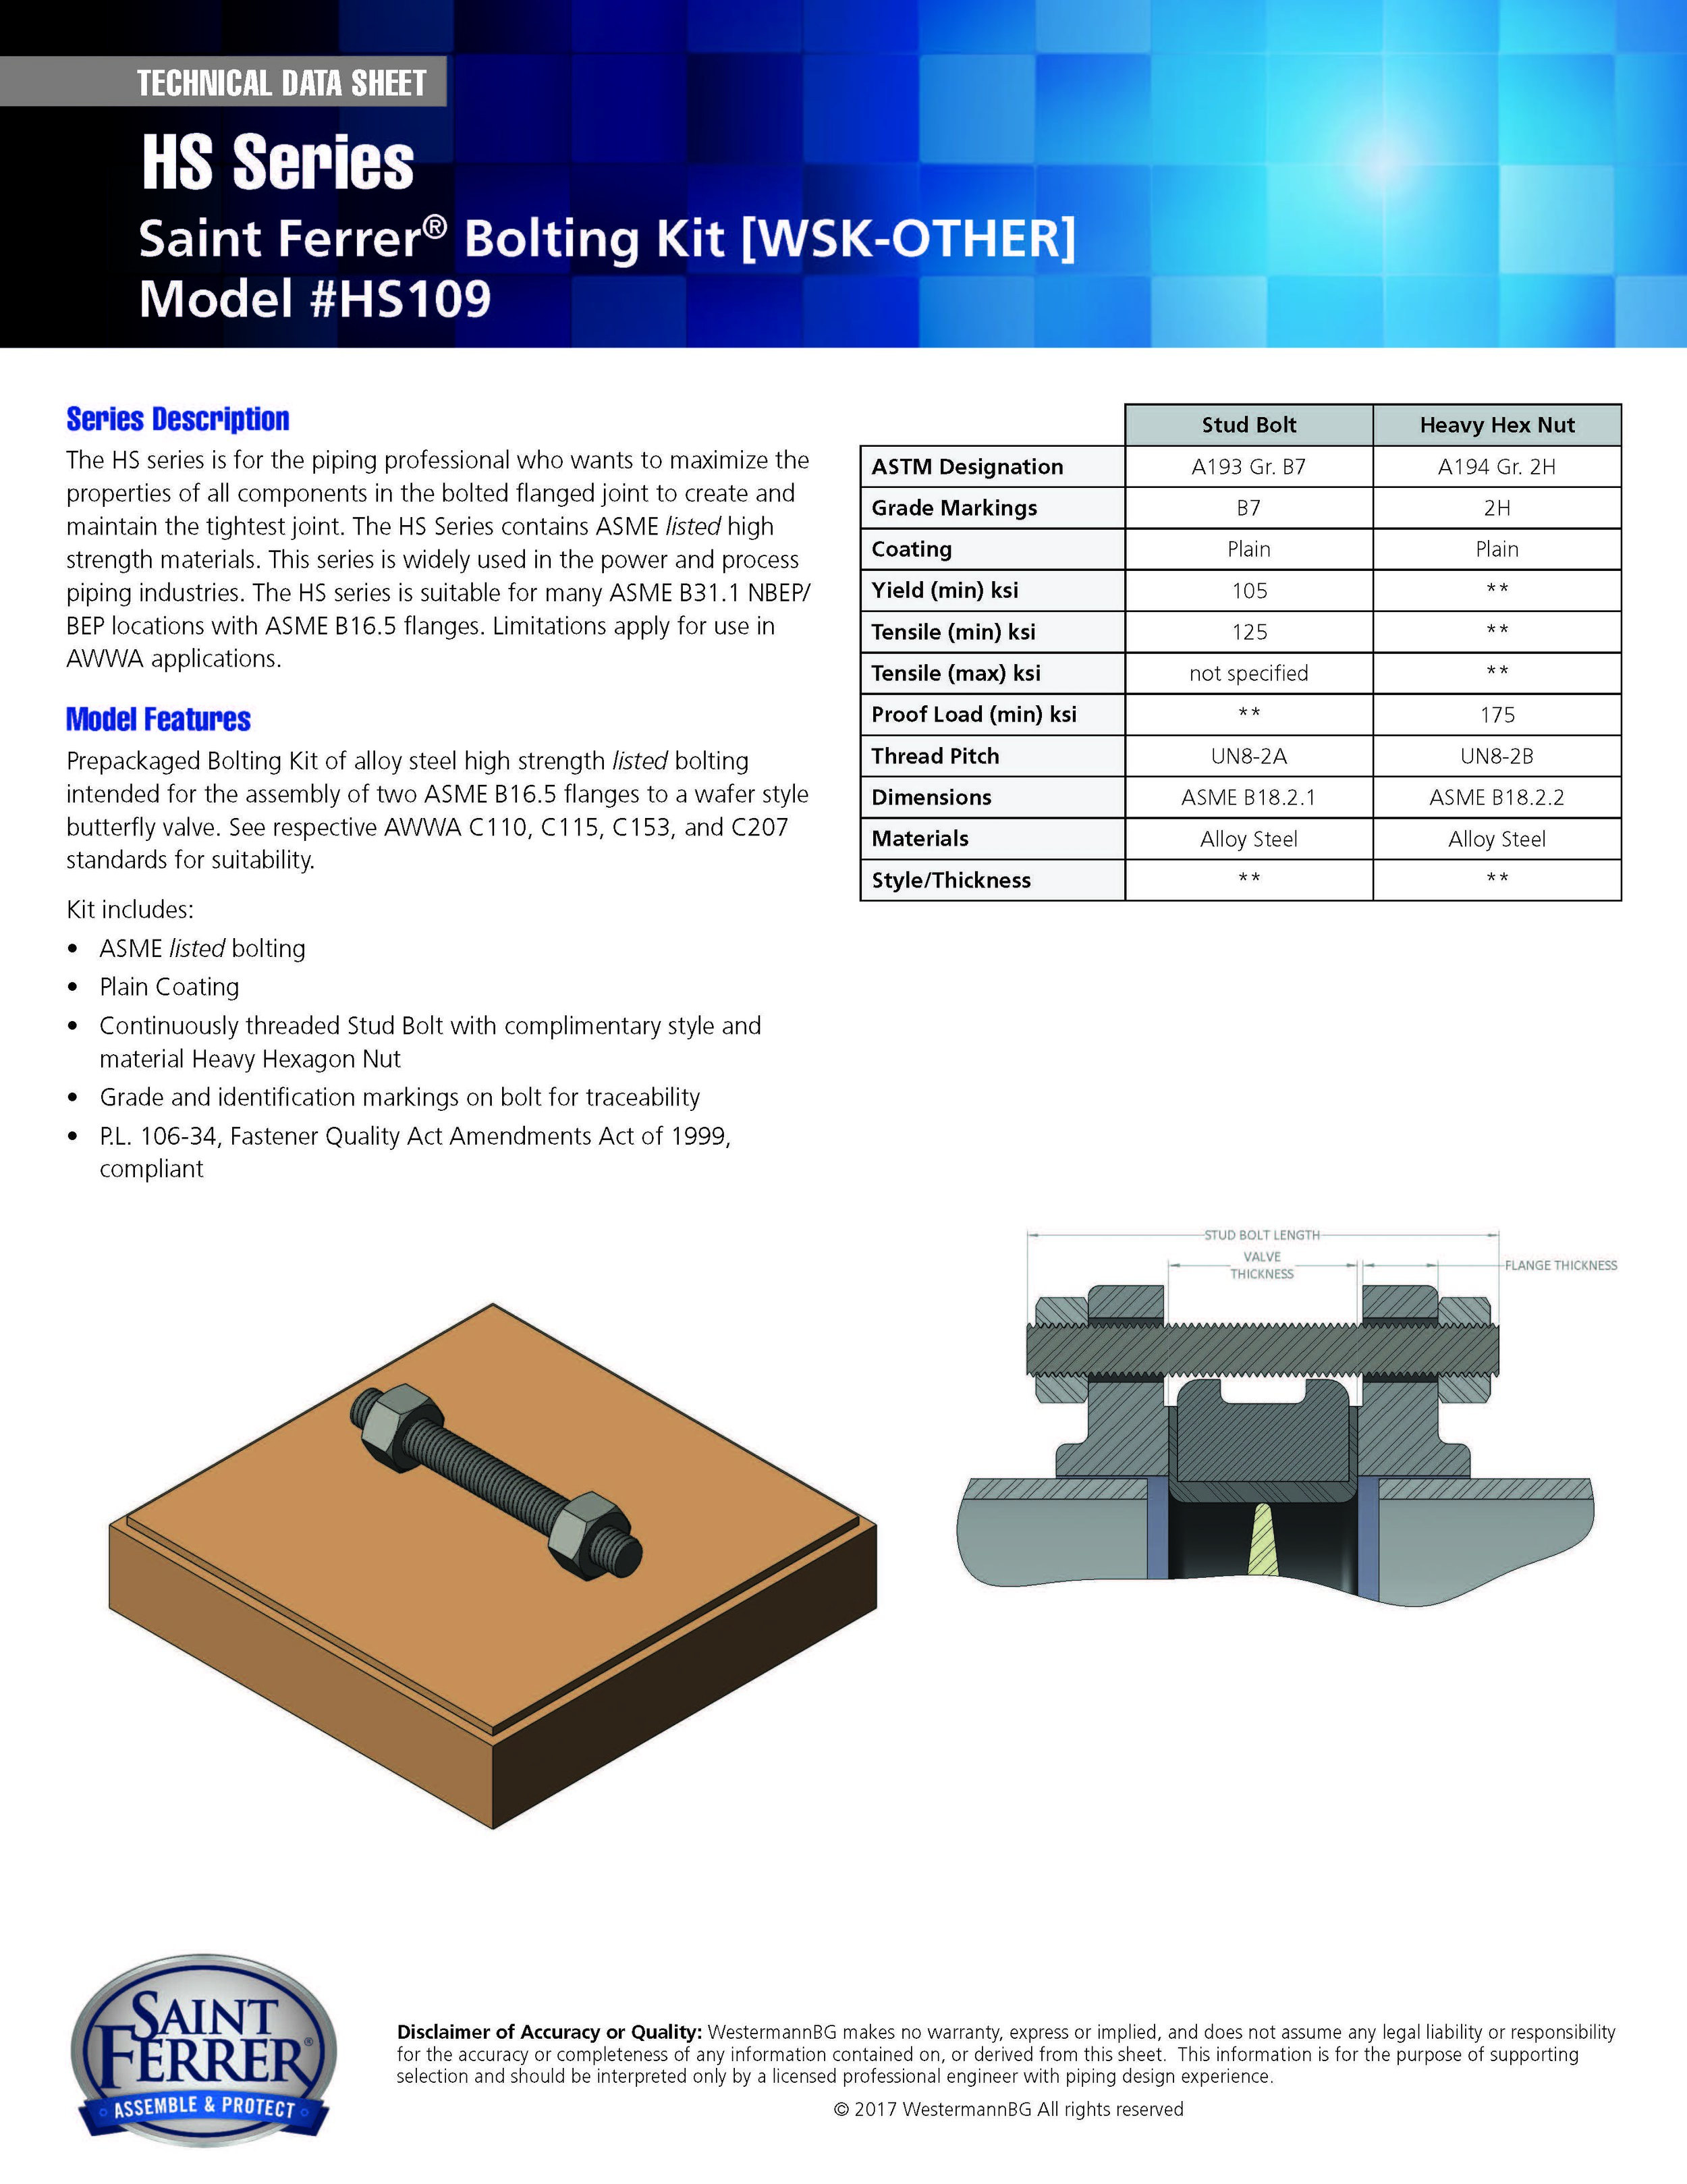 SF_Data_Sheet_HS_Series_HS109.jpg